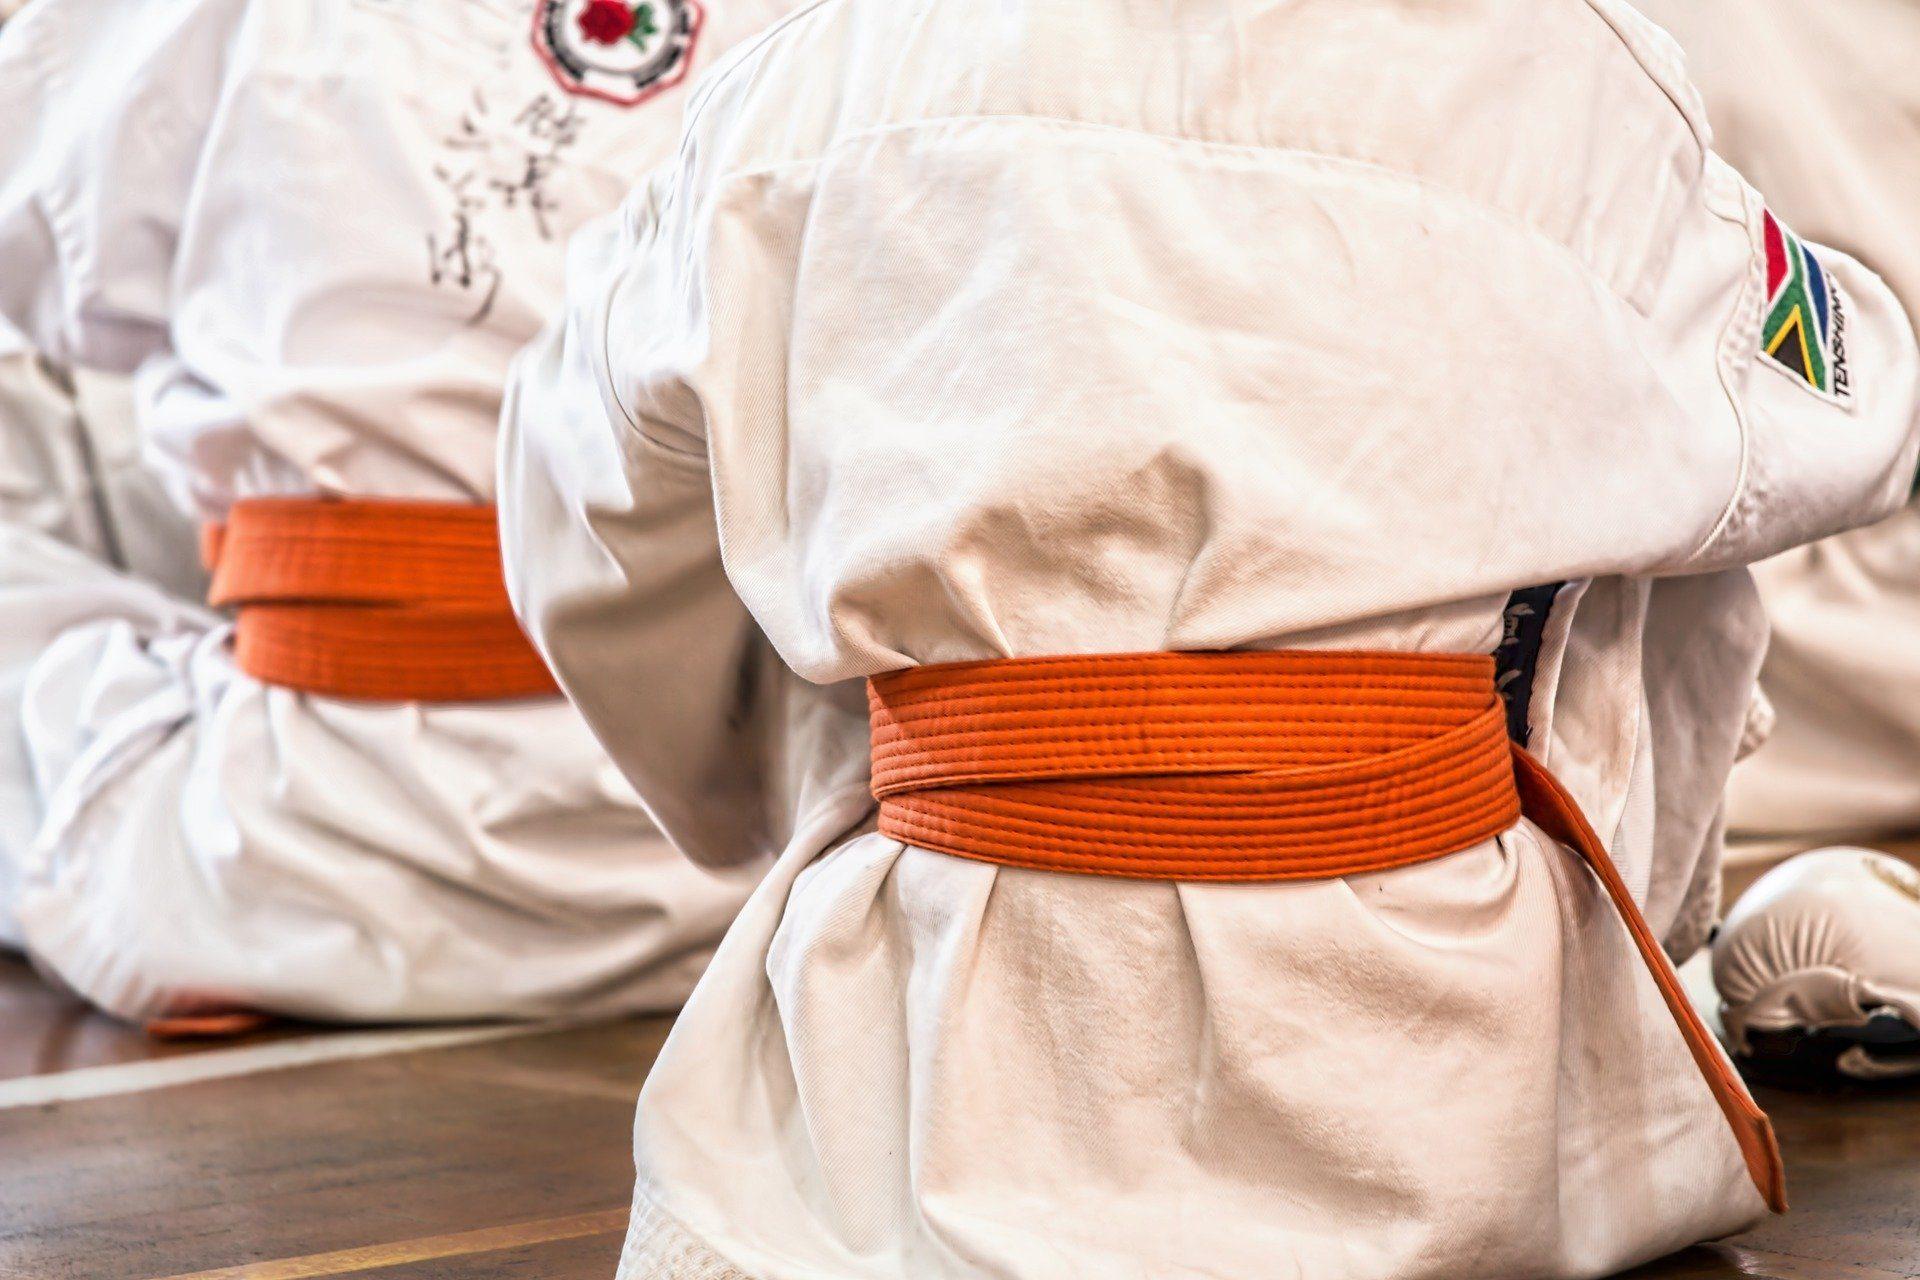 Karate Sportler von hinten, orangener Gürtel